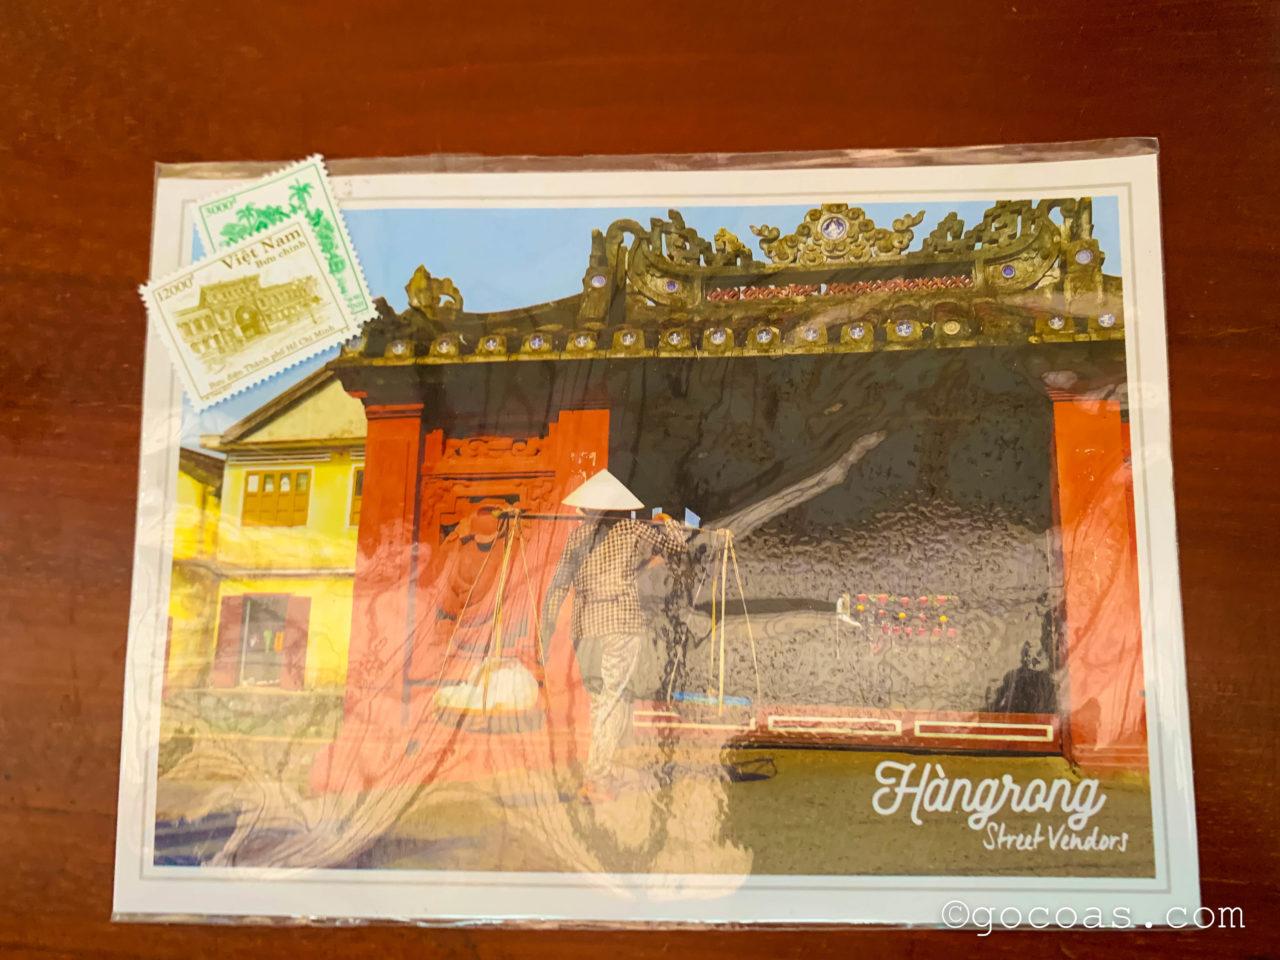 ホーチミン郵便局ポストカード